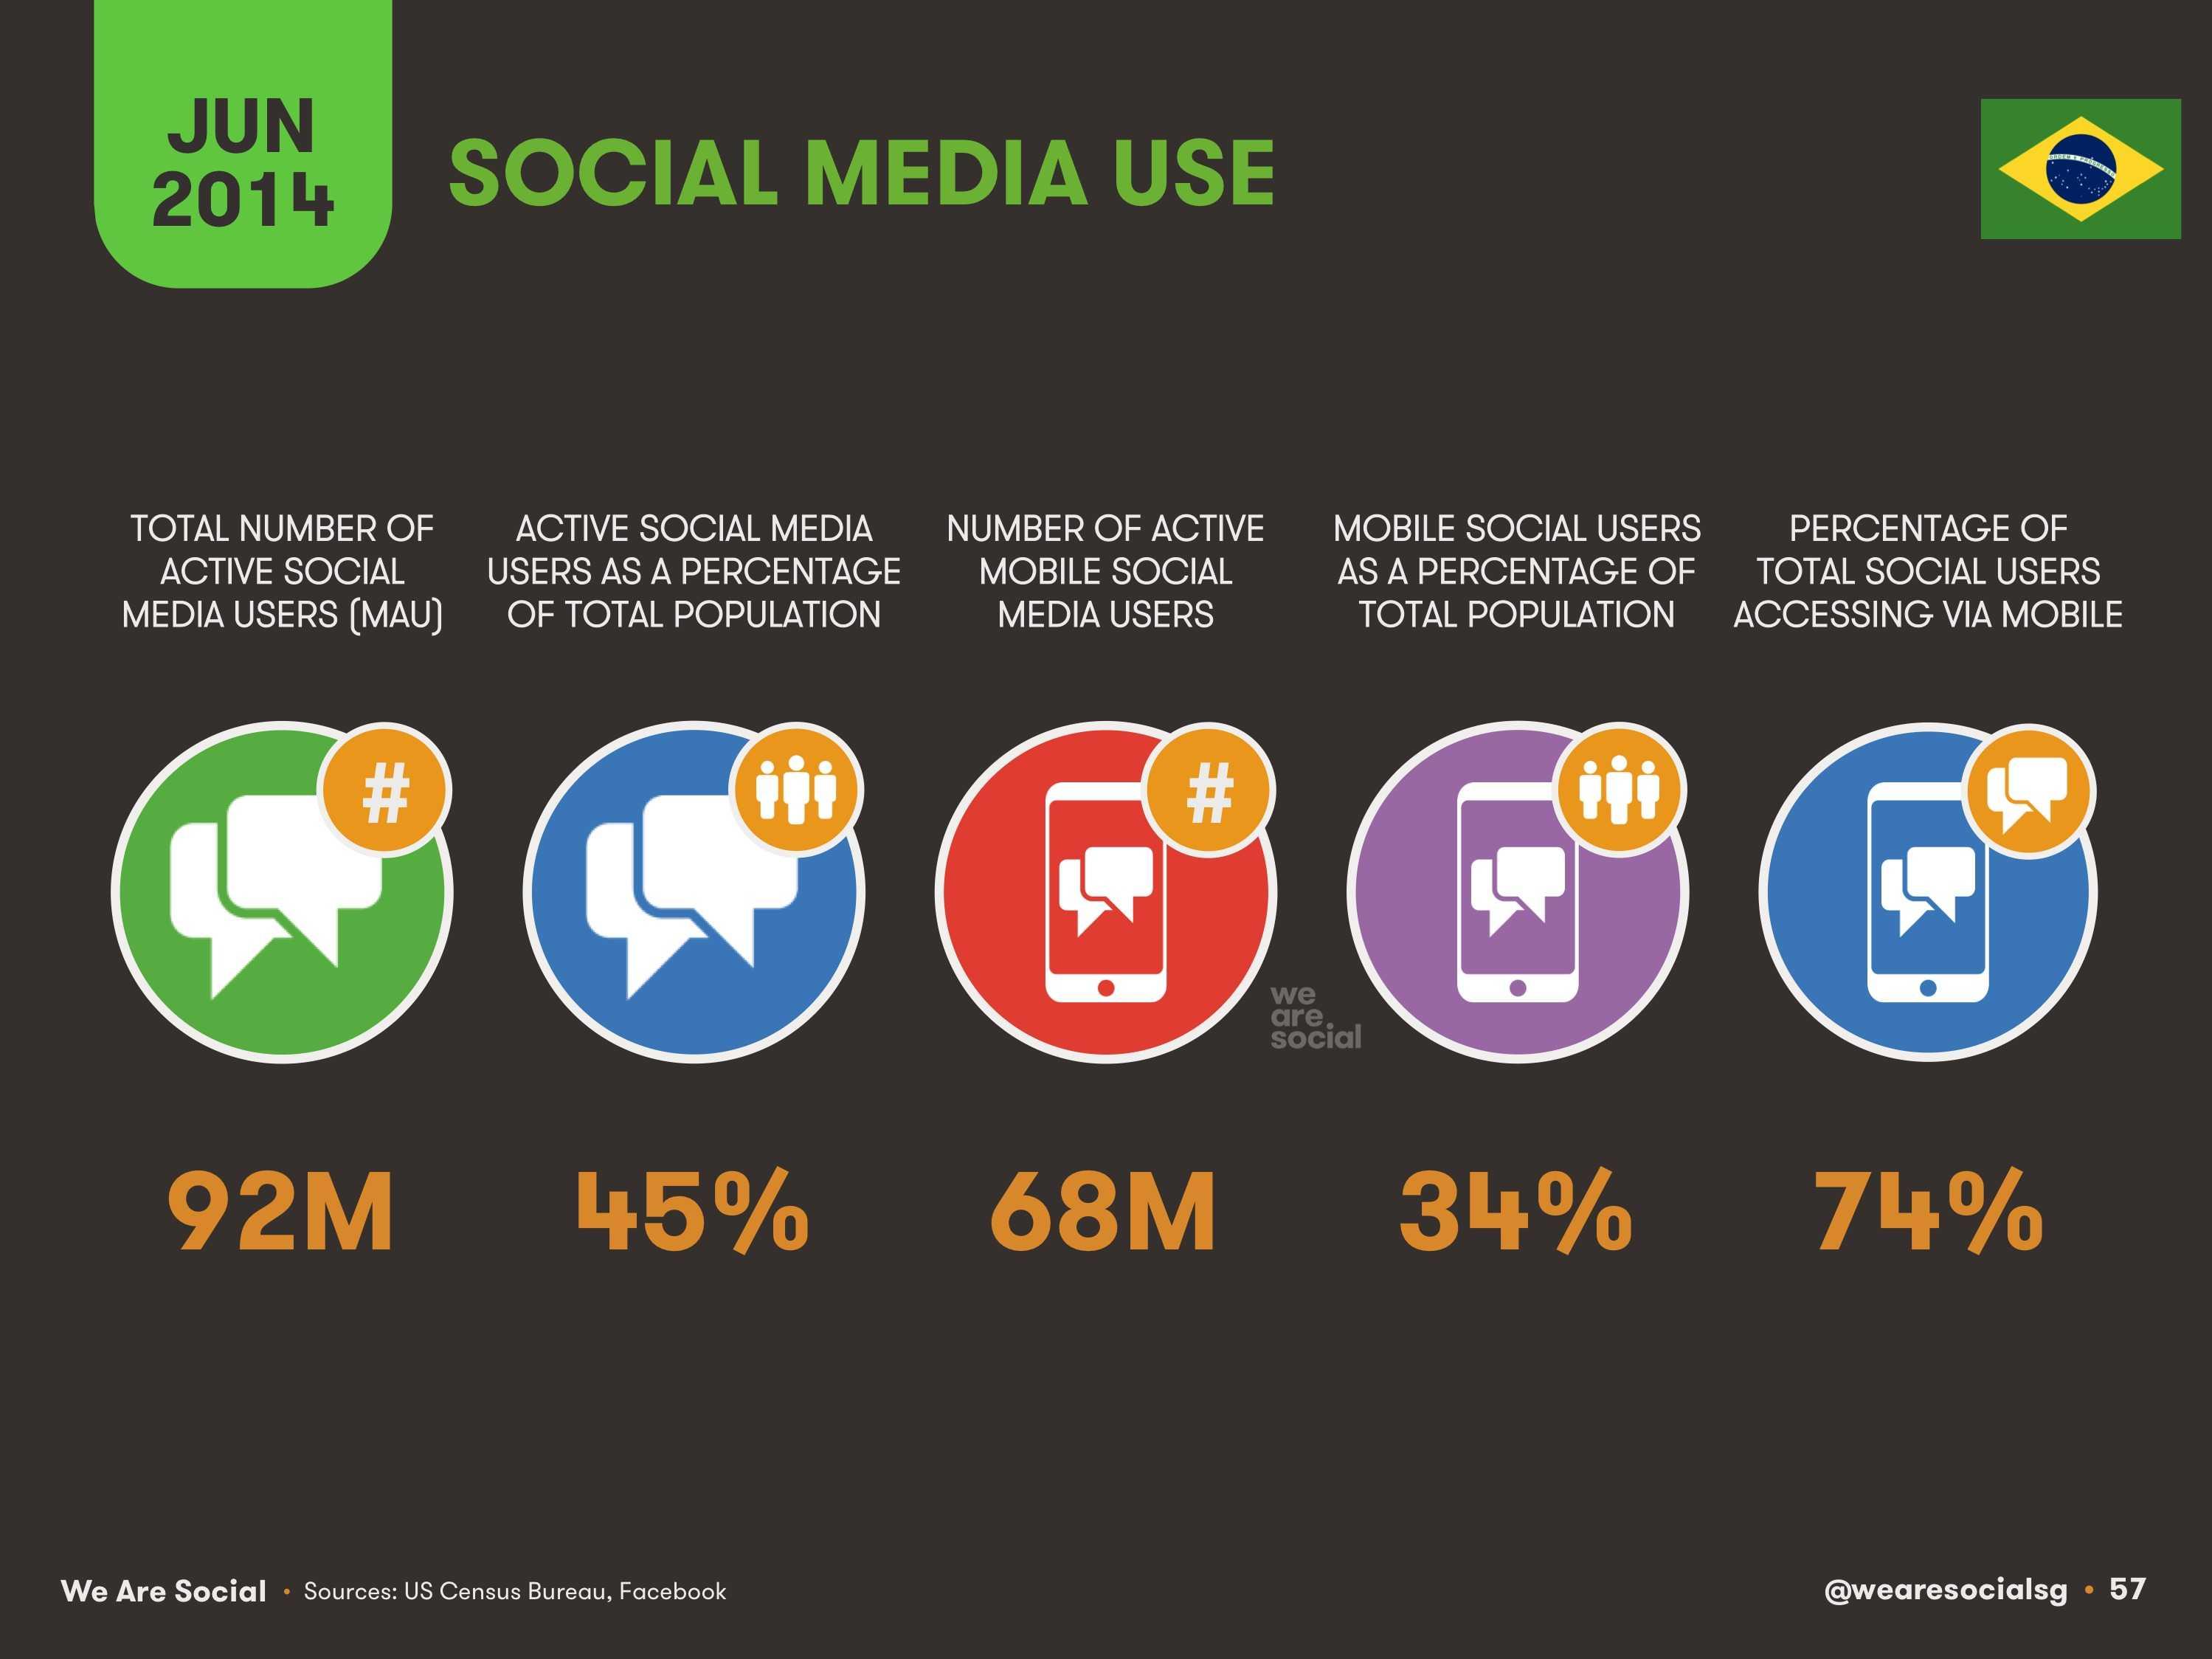 57-Social-Media-Use-in-Brazil-2014-We-Are-Social-1